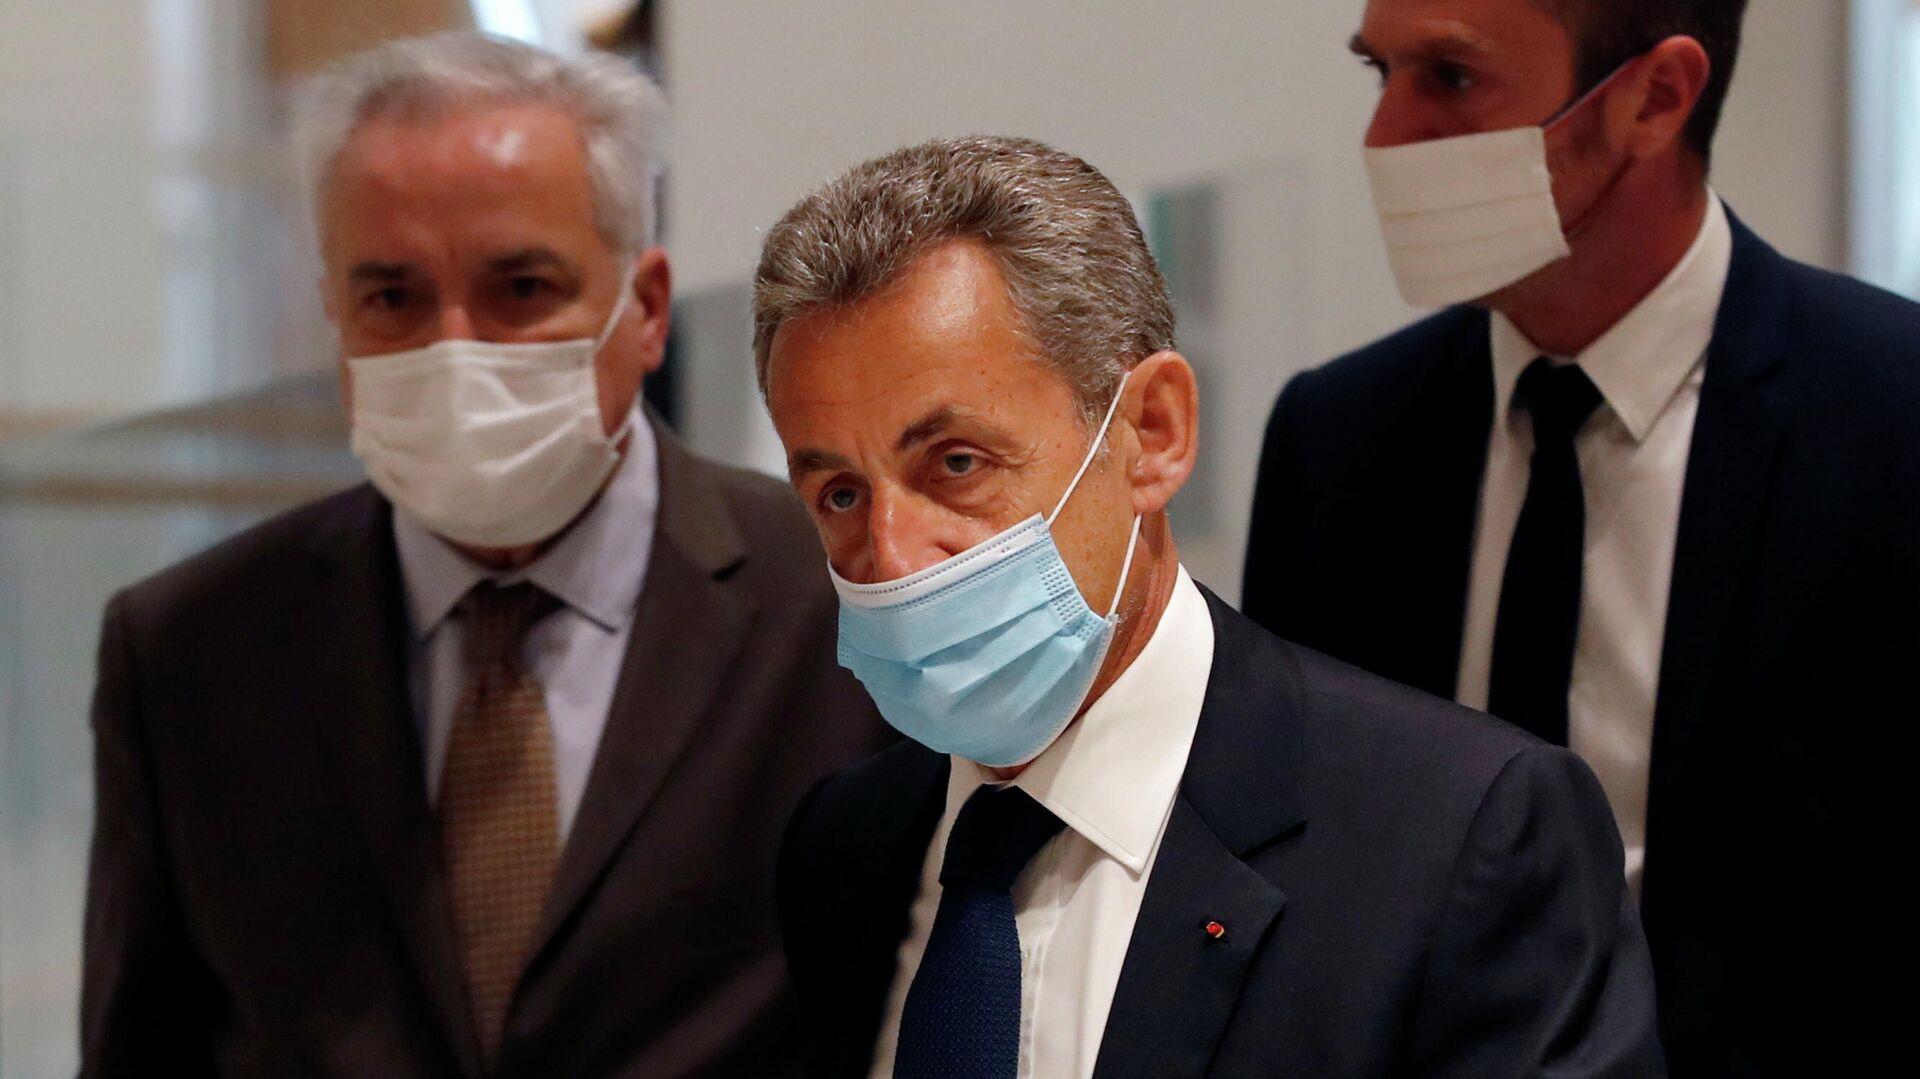 Бывший президент Франции Николя Саркози в здании суда перед вынесением приговора - РИА Новости, 1920, 17.03.2021